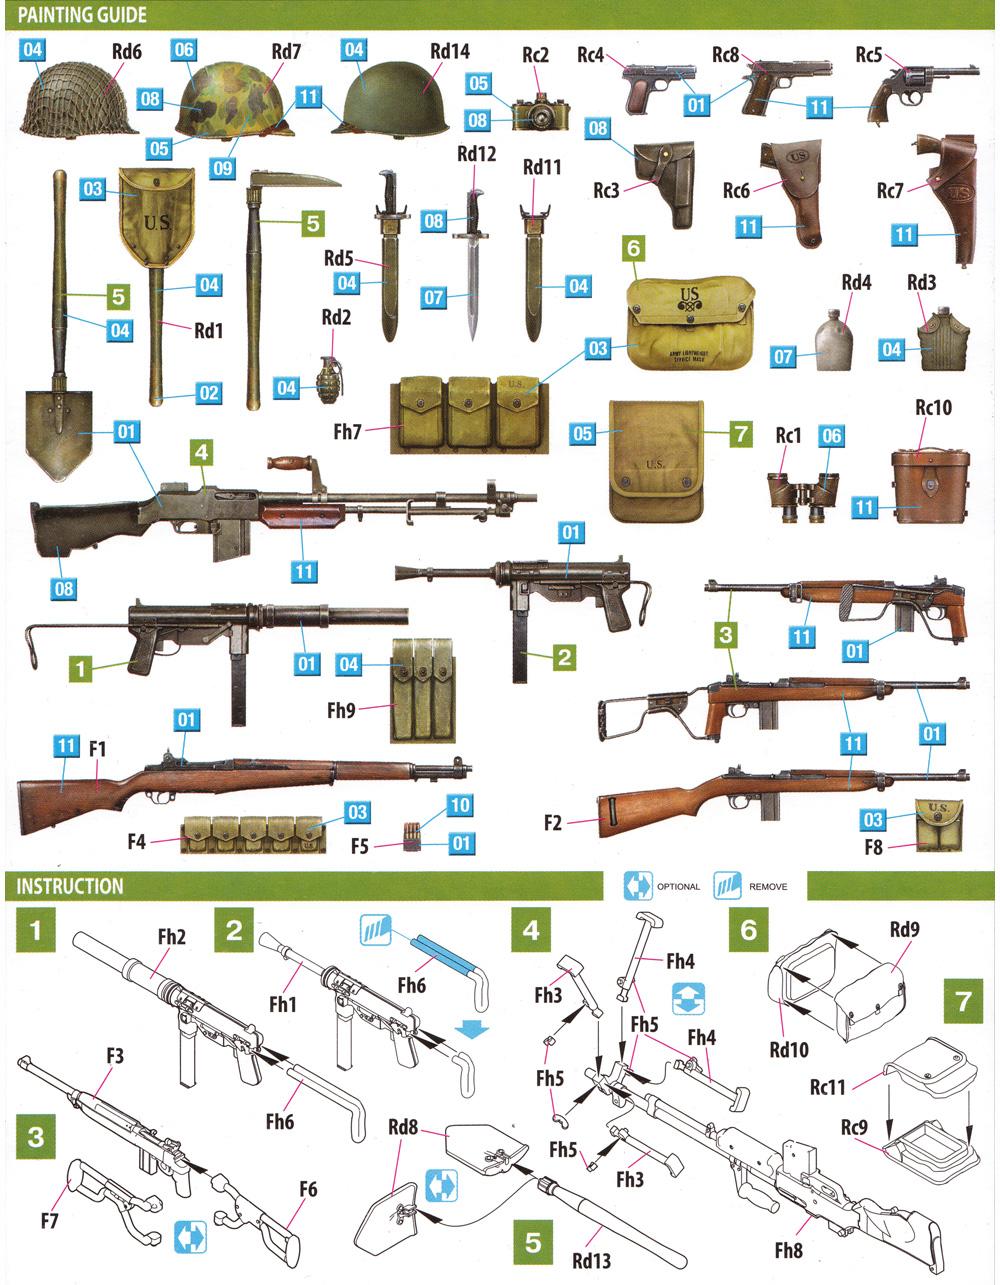 アメリカ軍 歩兵用武器 & 装備品セットプラモデル(ミニアート1/35 WW2 ミリタリーミニチュアNo.35329)商品画像_1